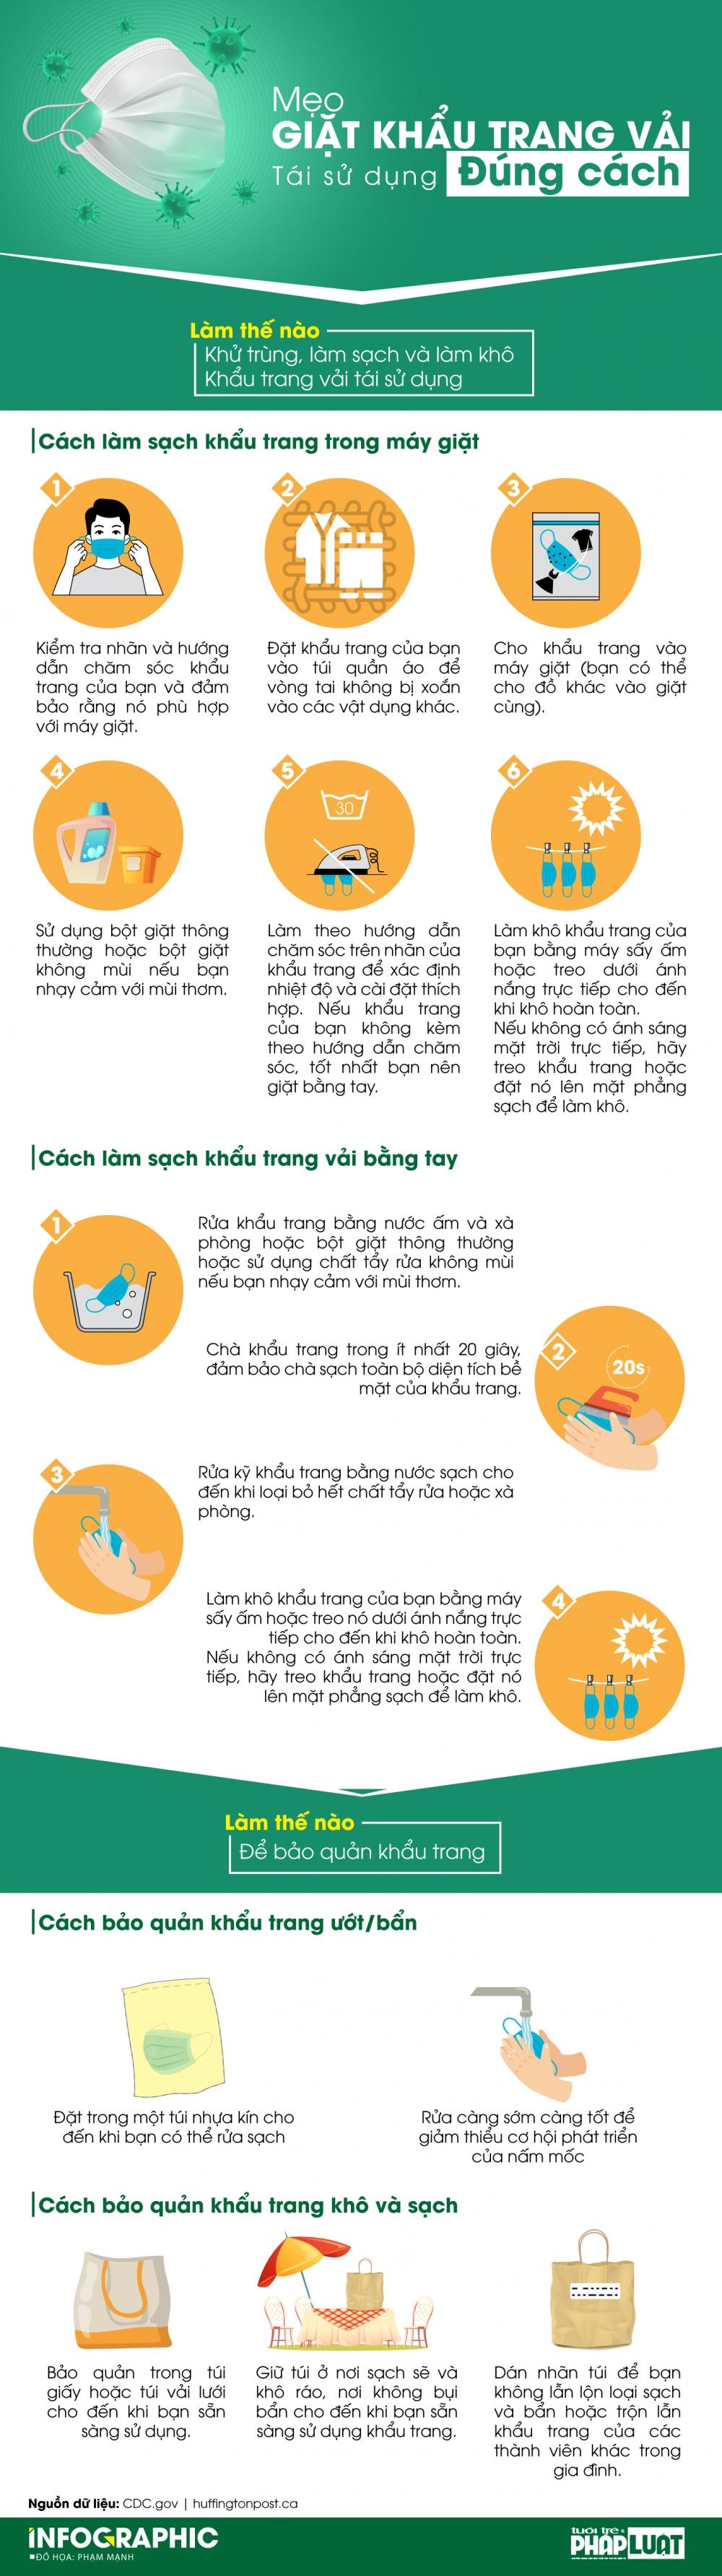 Cách giặt khẩu trang tái sử dụng đúng cách